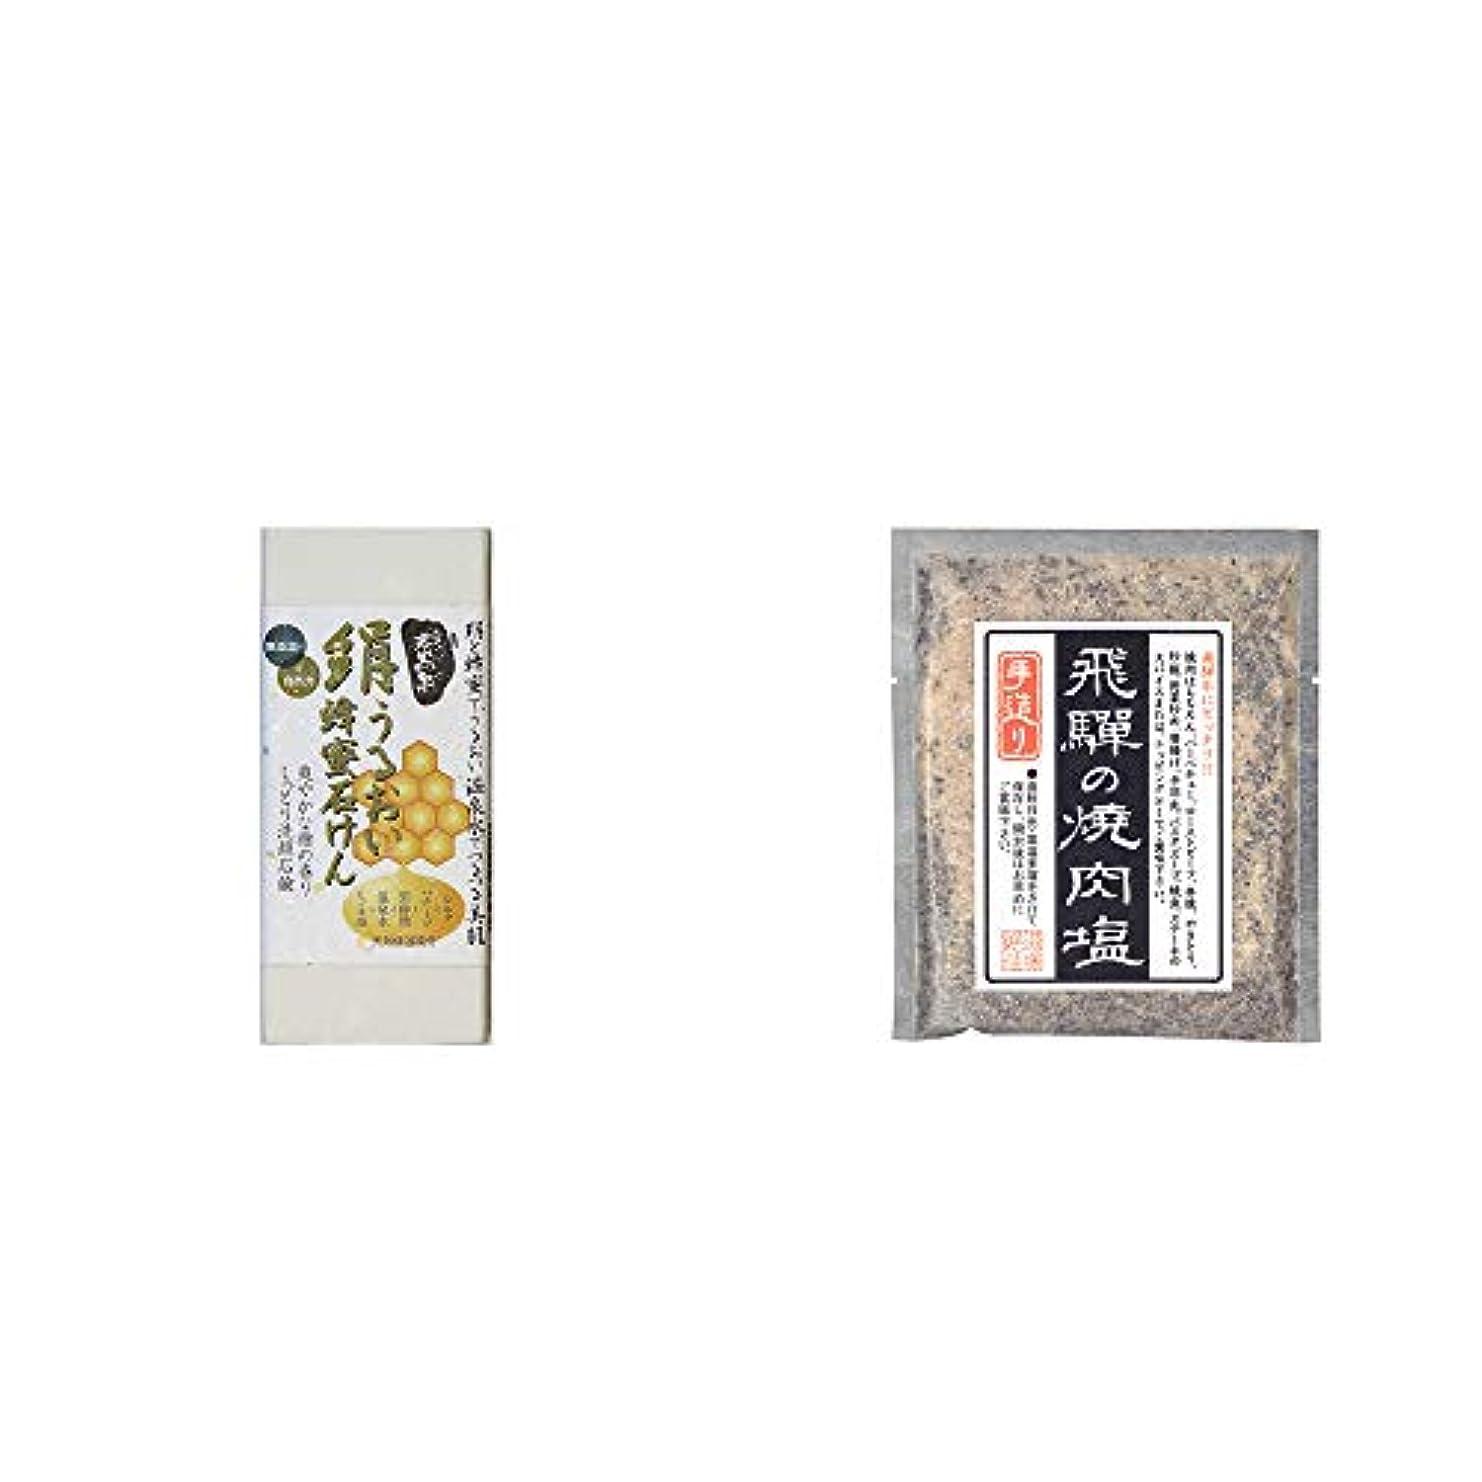 一口認める東[2点セット] ひのき炭黒泉 絹うるおい蜂蜜石けん(75g×2)?手造り 飛騨の焼肉塩(80g)